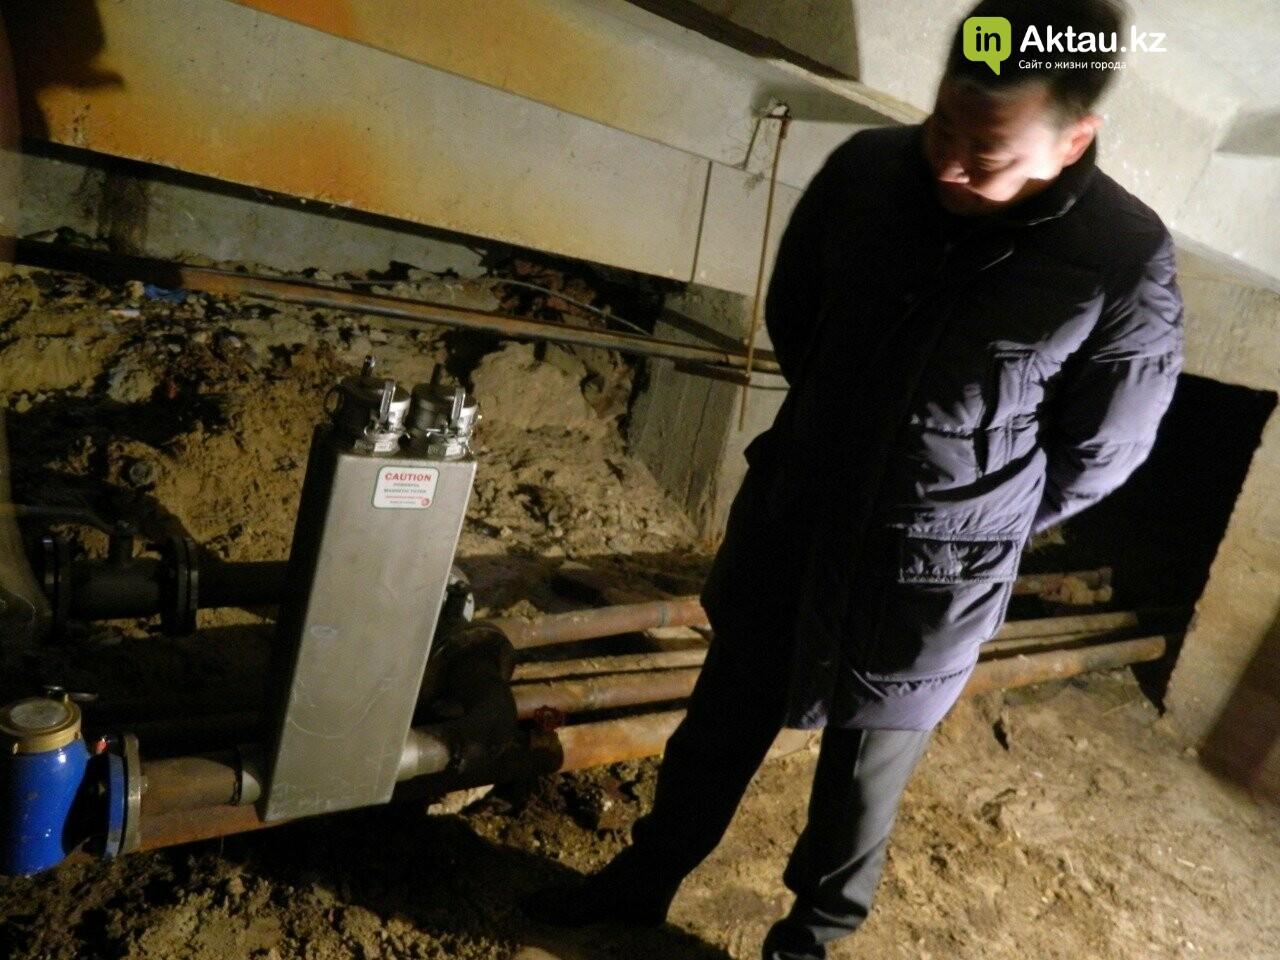 Новейшие технологии: в жилом доме Актау установили магнитный очиститель воды, фото-6